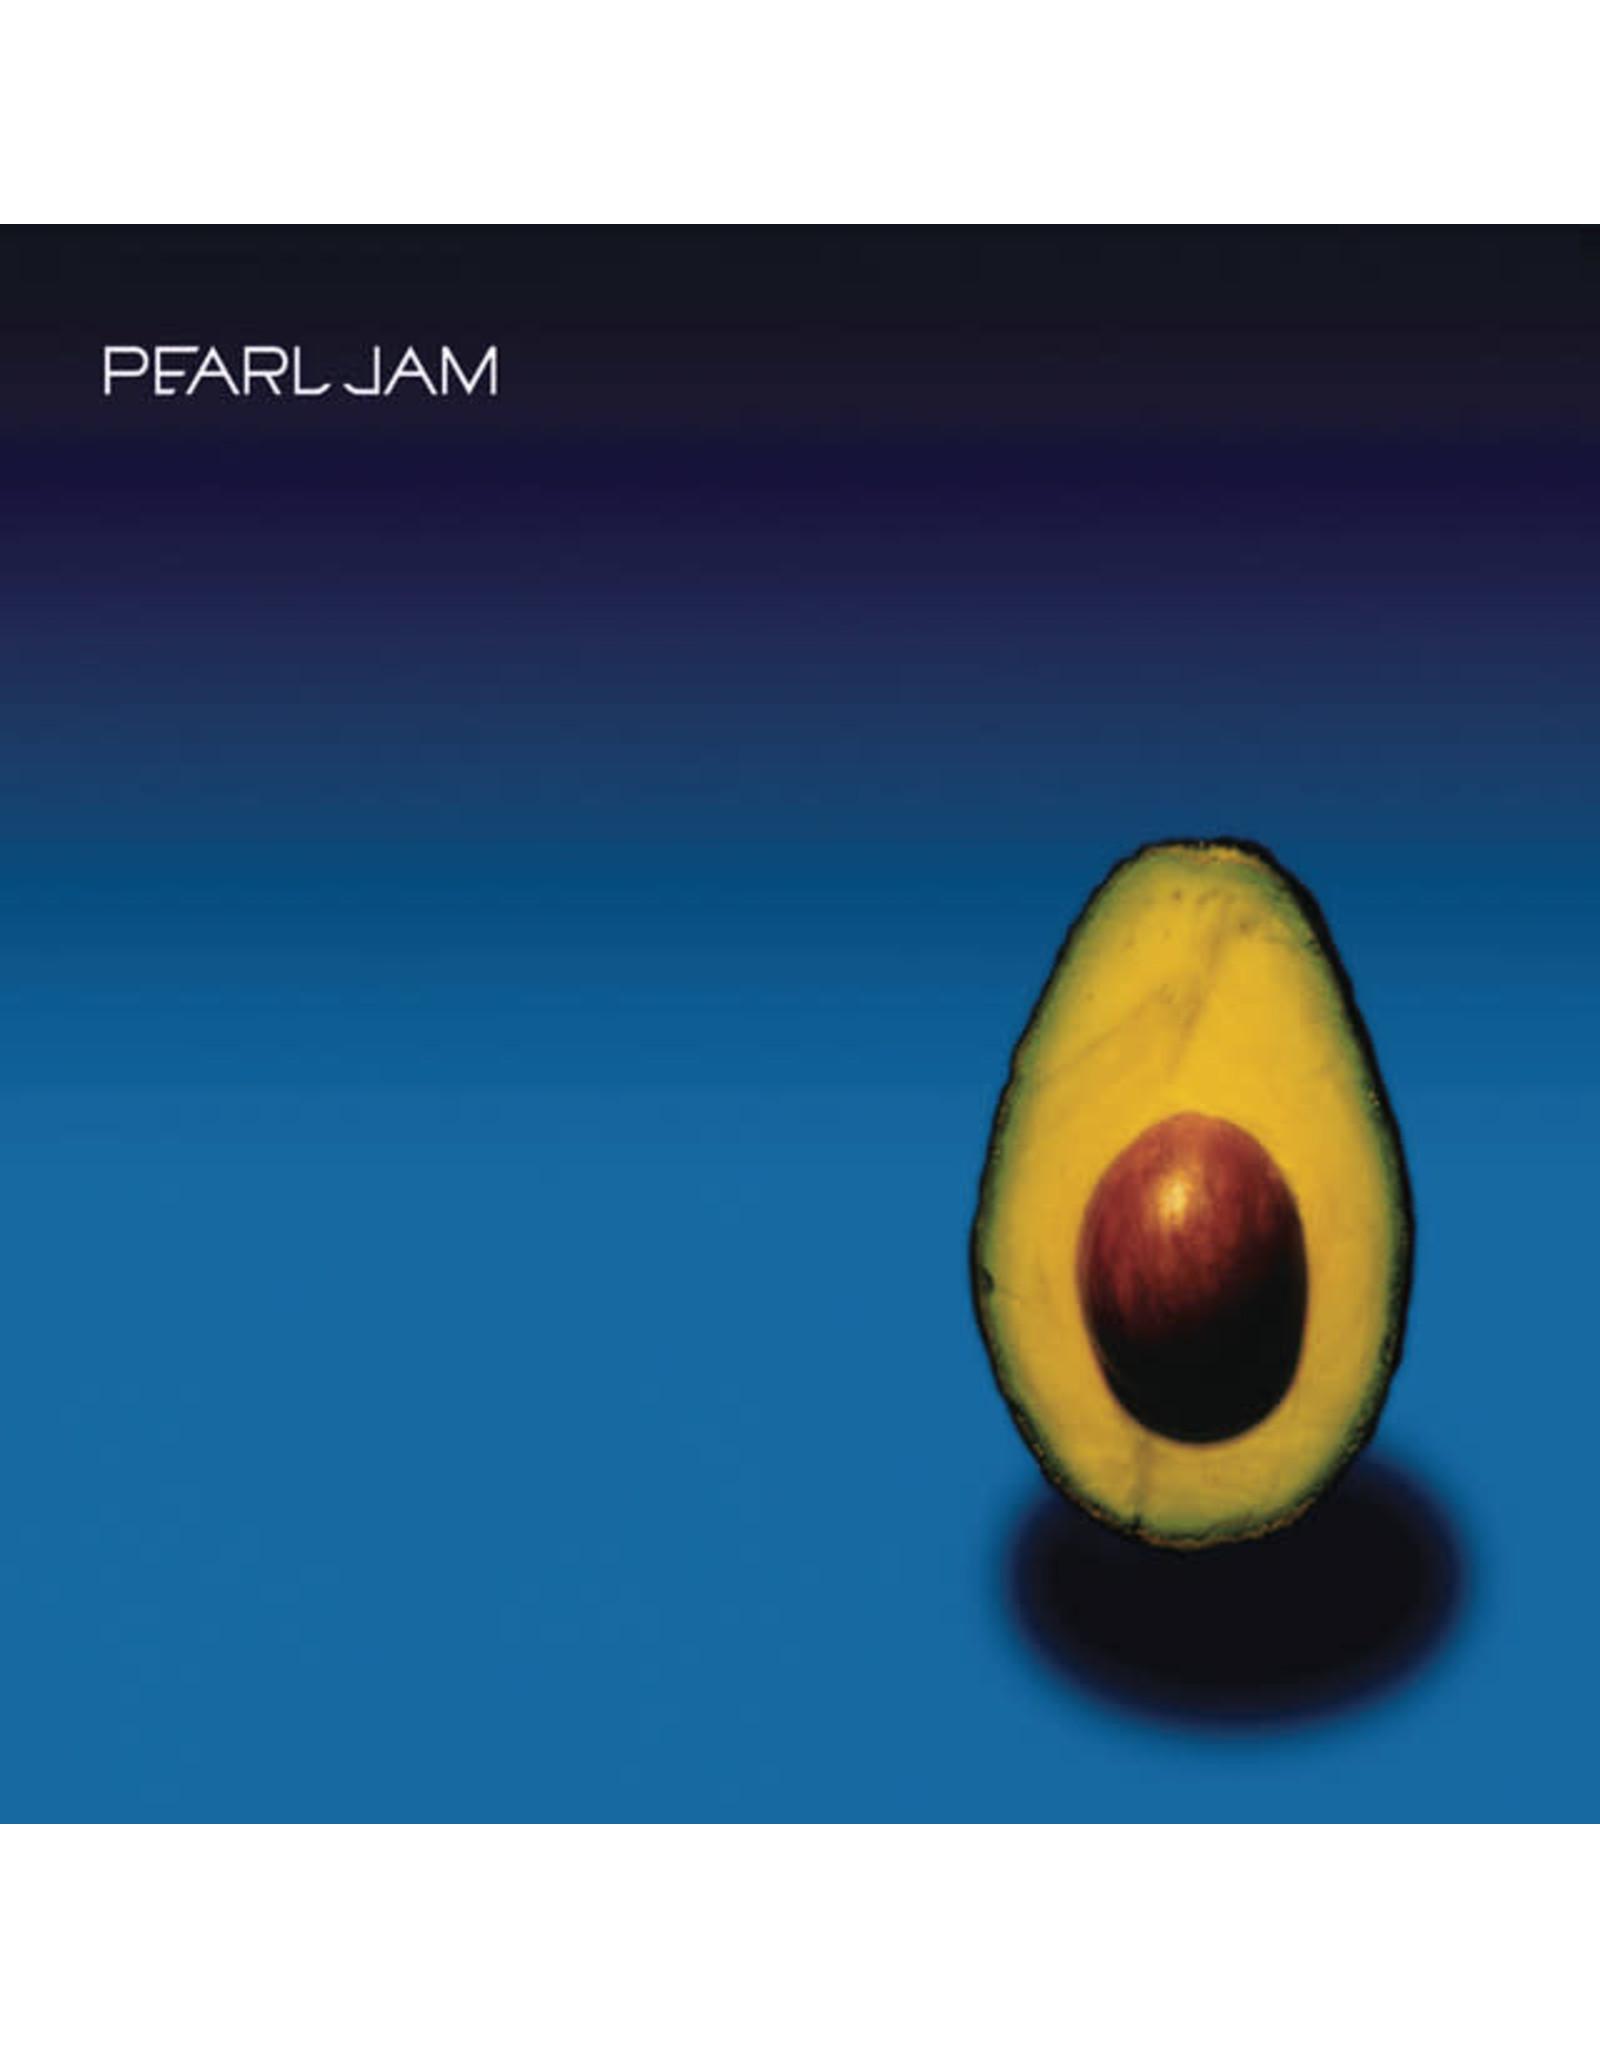 Vinyl Pearl Jam - Pearl Jam (Avocado)